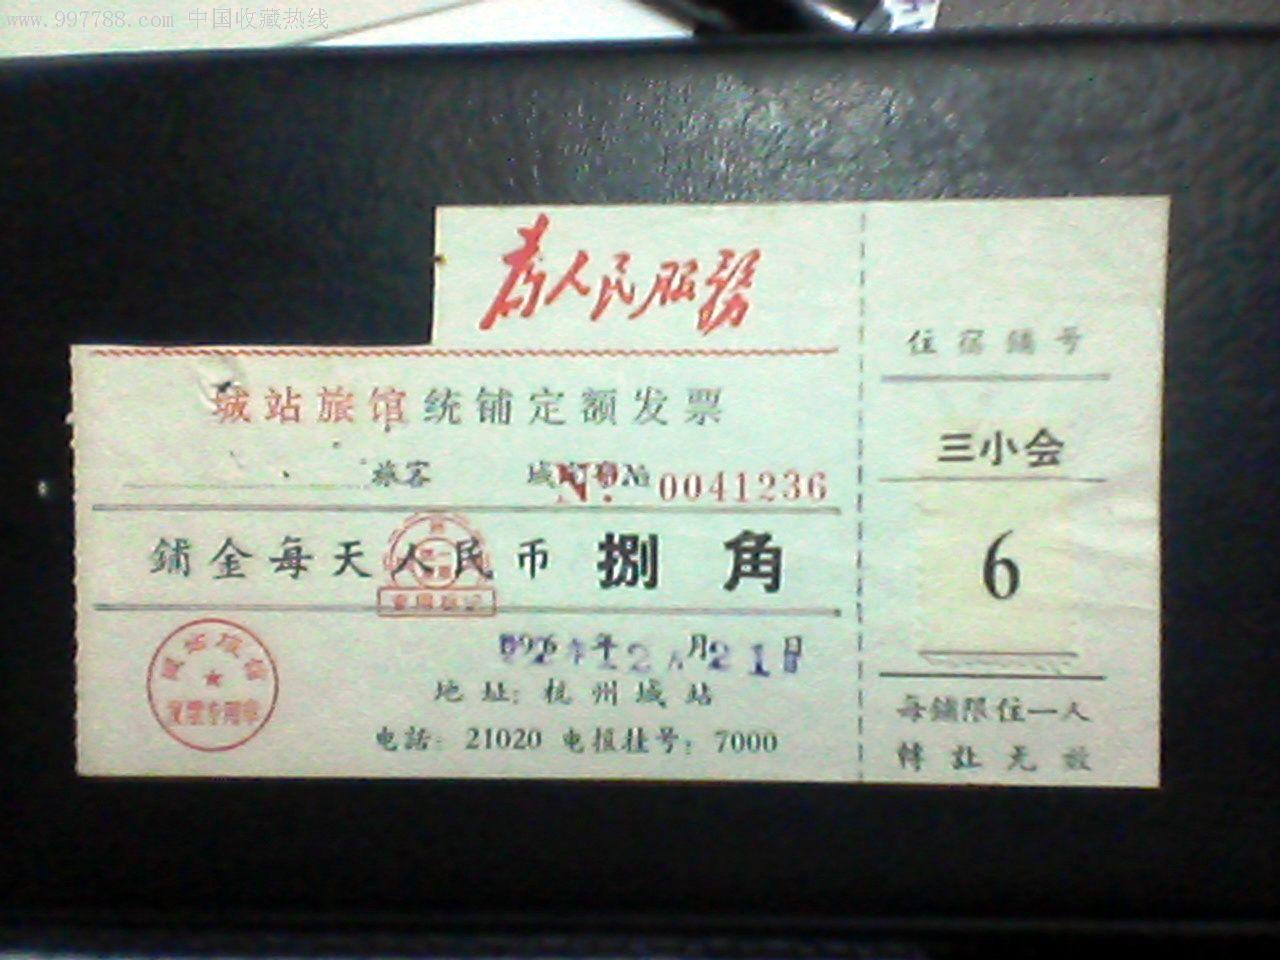 语录杭州城站旅馆统铺定额发票-贴铺号-盖双发票章_第1张_7788收藏